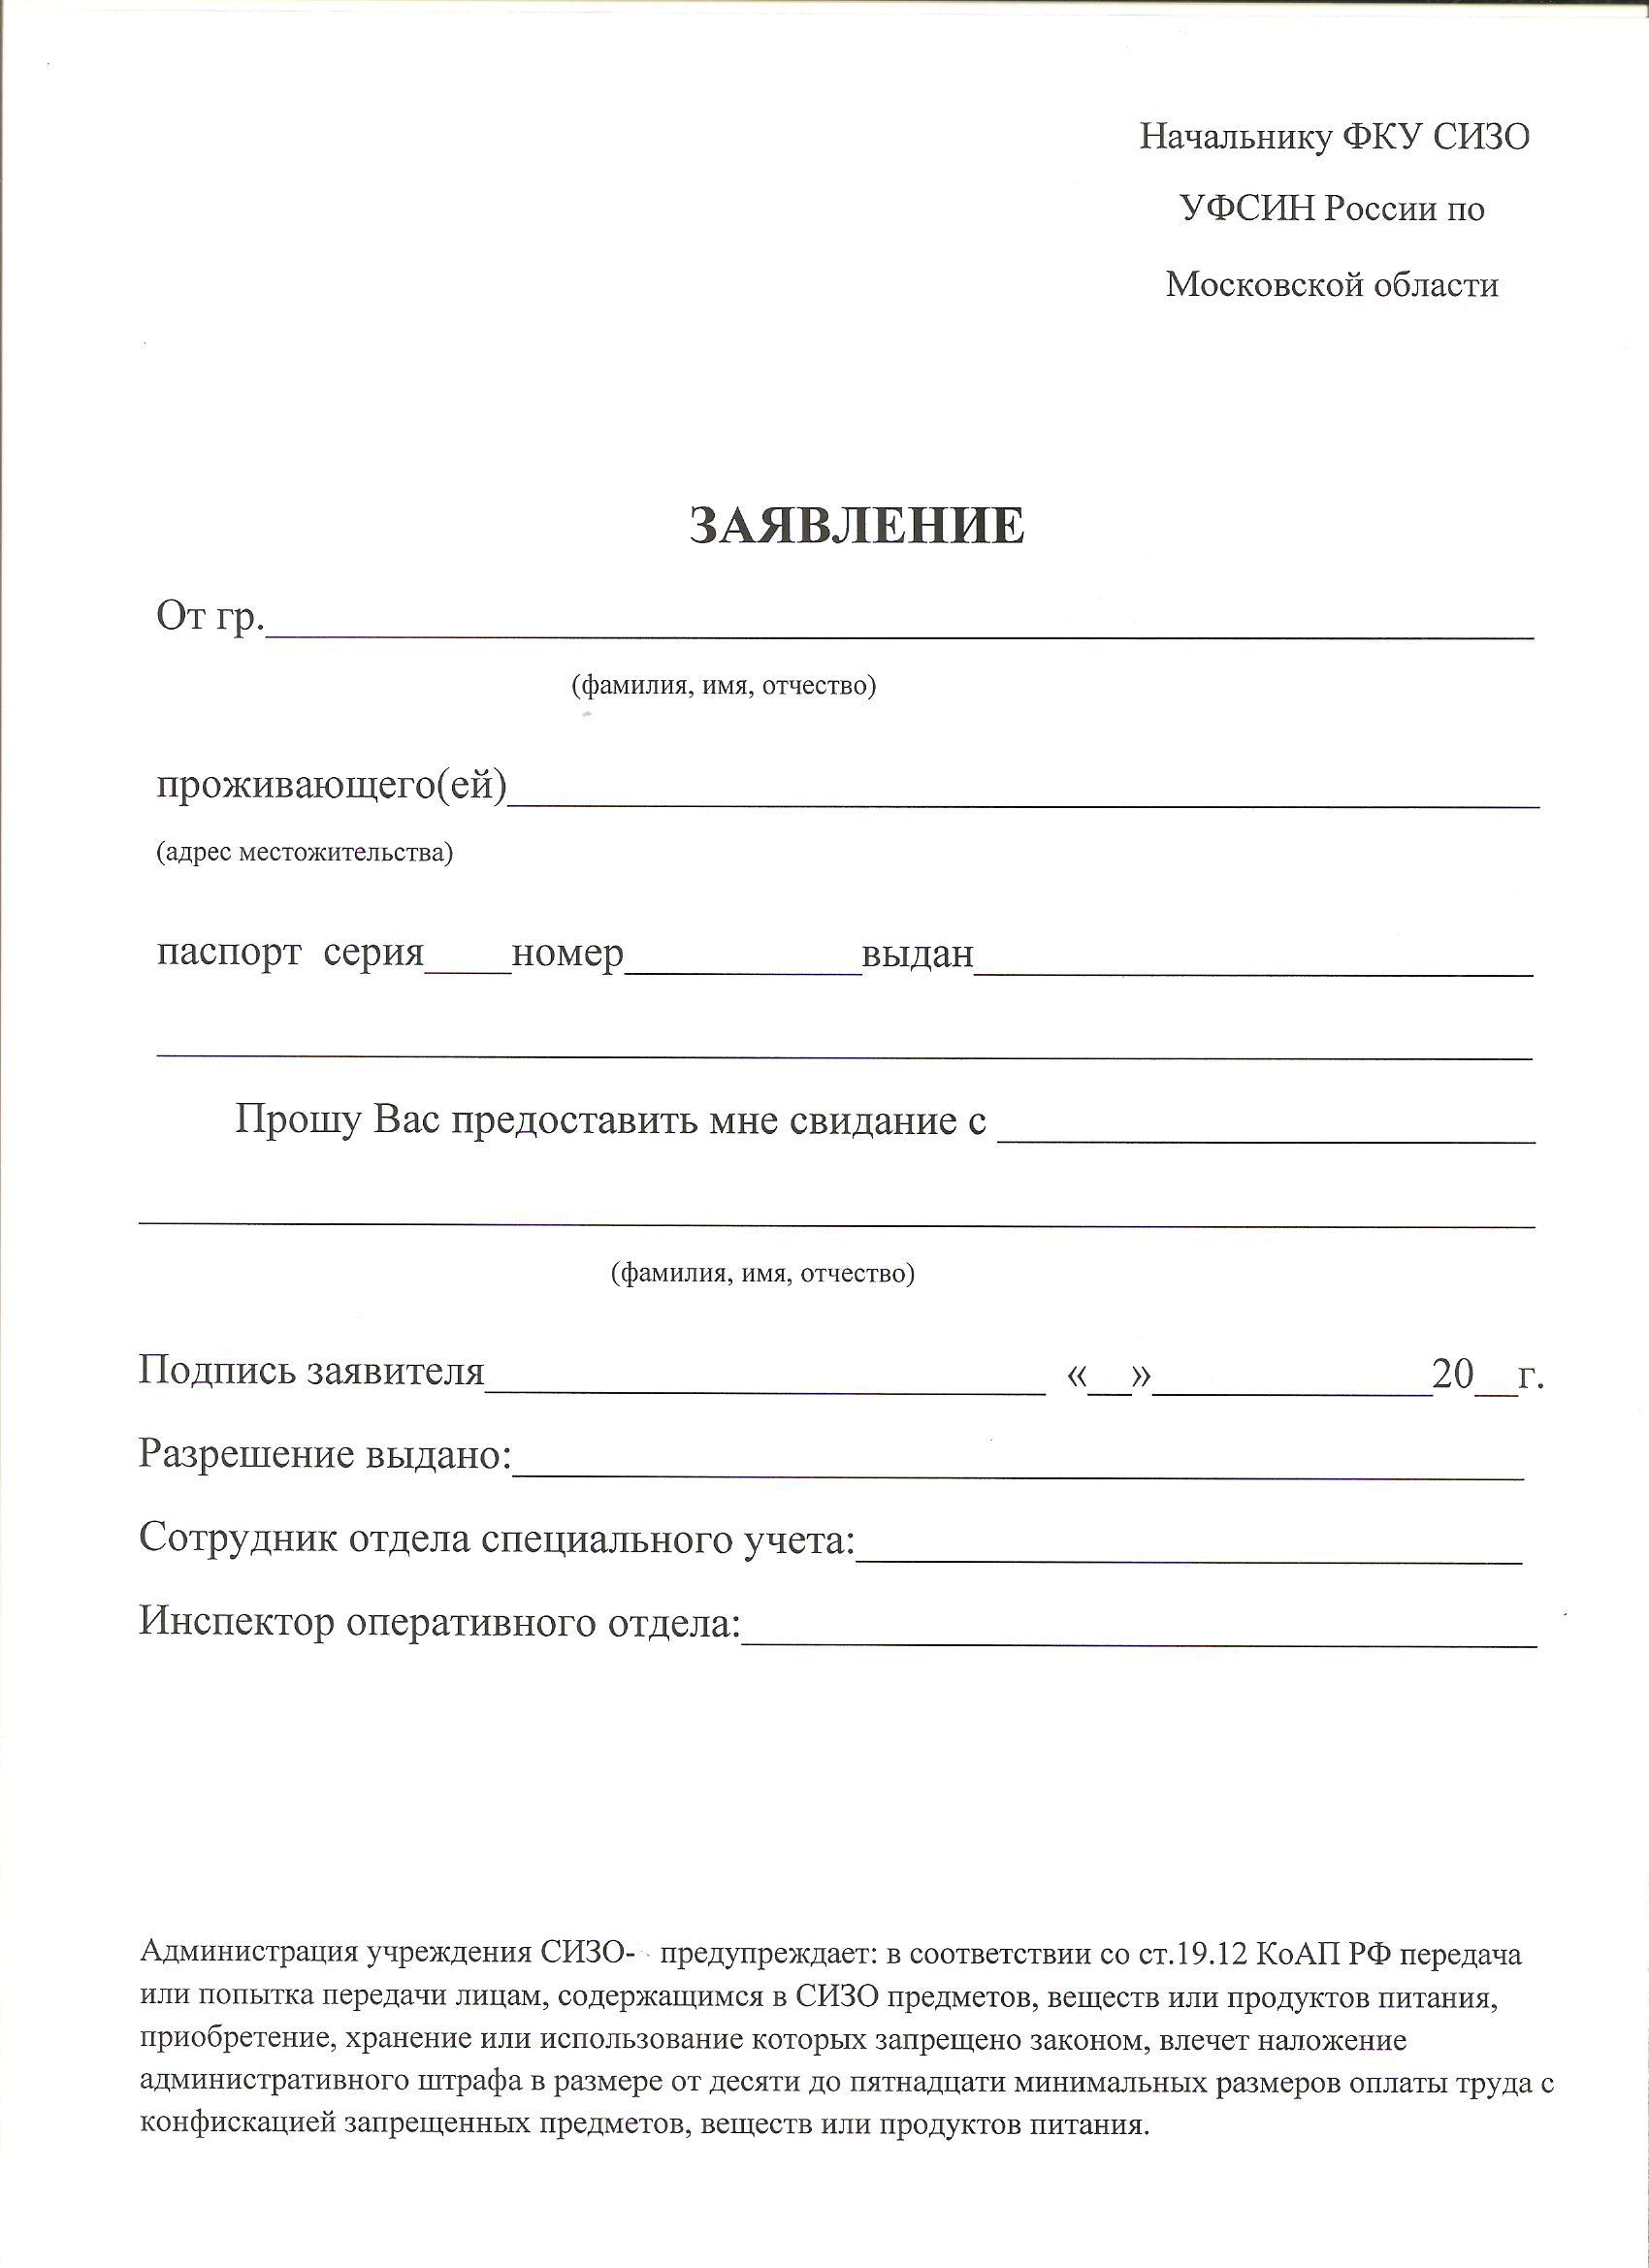 Ик-3 г. Новосибирск | вконтакте.